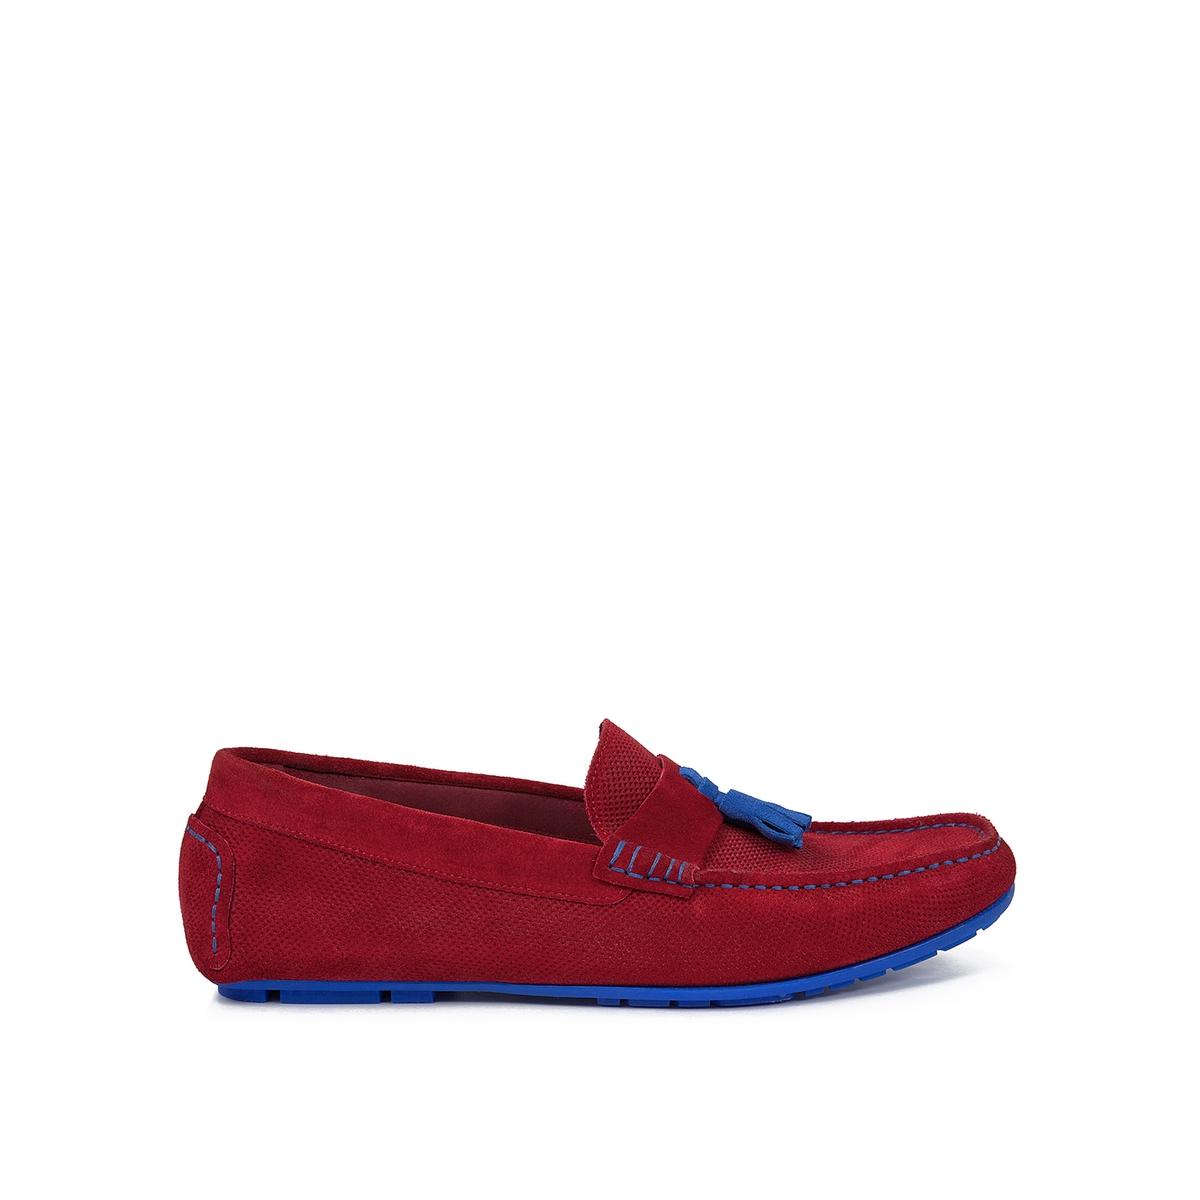 Мокасины кожаные CoburnВерх : кожа         Подкладка : кожа         Стелька : кожа         Подошва : резина         Высота каблука : 1 см         Форма каблука : плоский каблук         Мысок : закругленный мысок         Застежка : без застежки<br><br>Цвет: красный однотонный